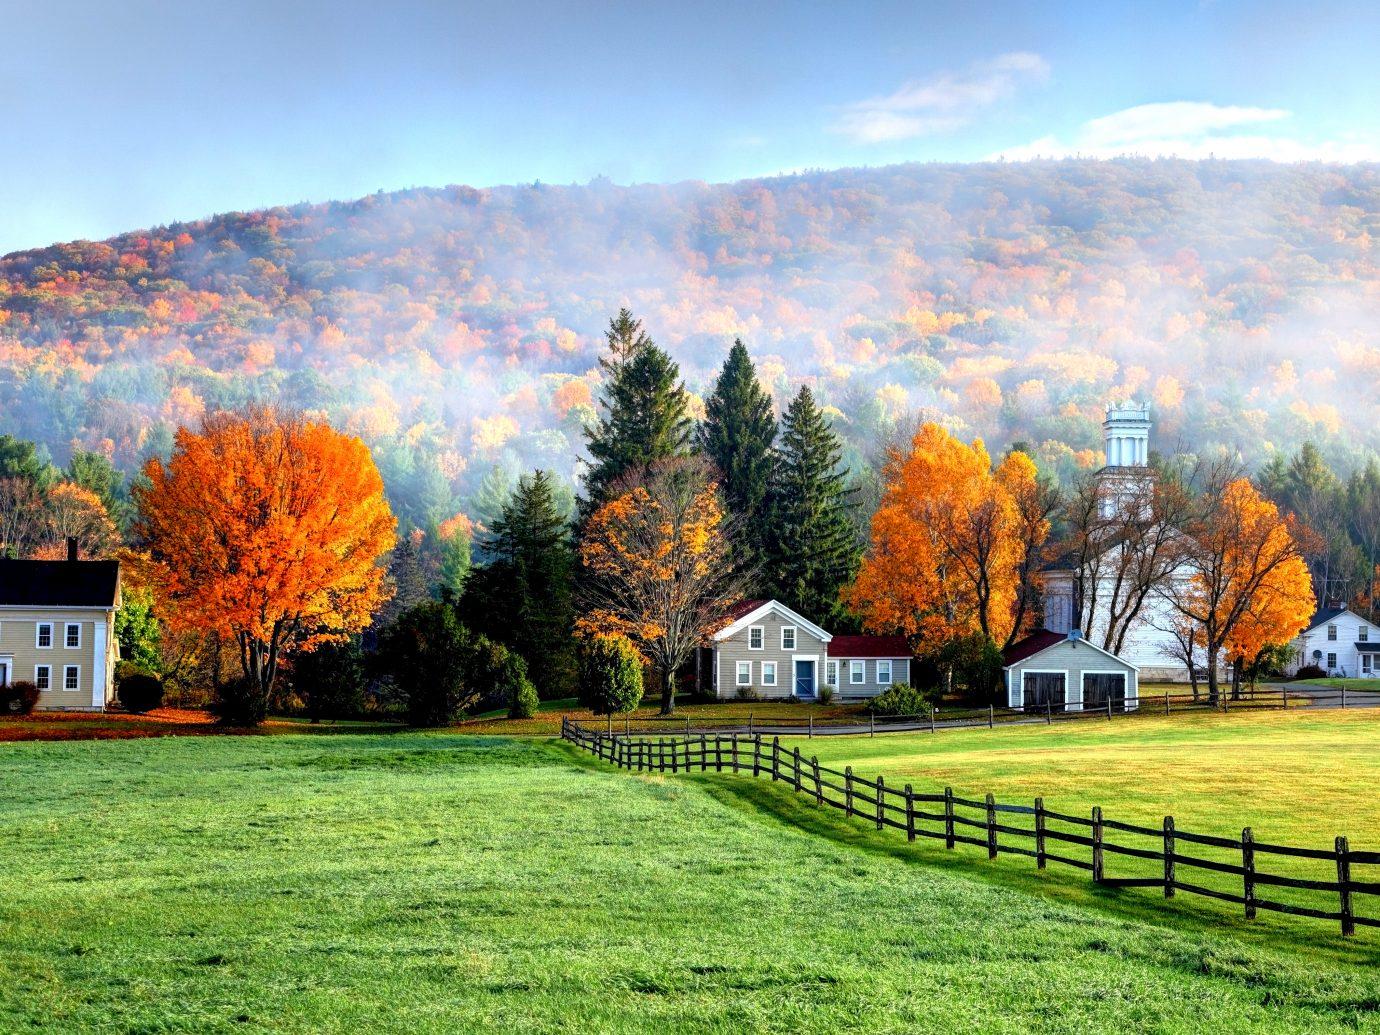 Autumn fog in the village of Tyringham in the Berkshires region of Massachusetts